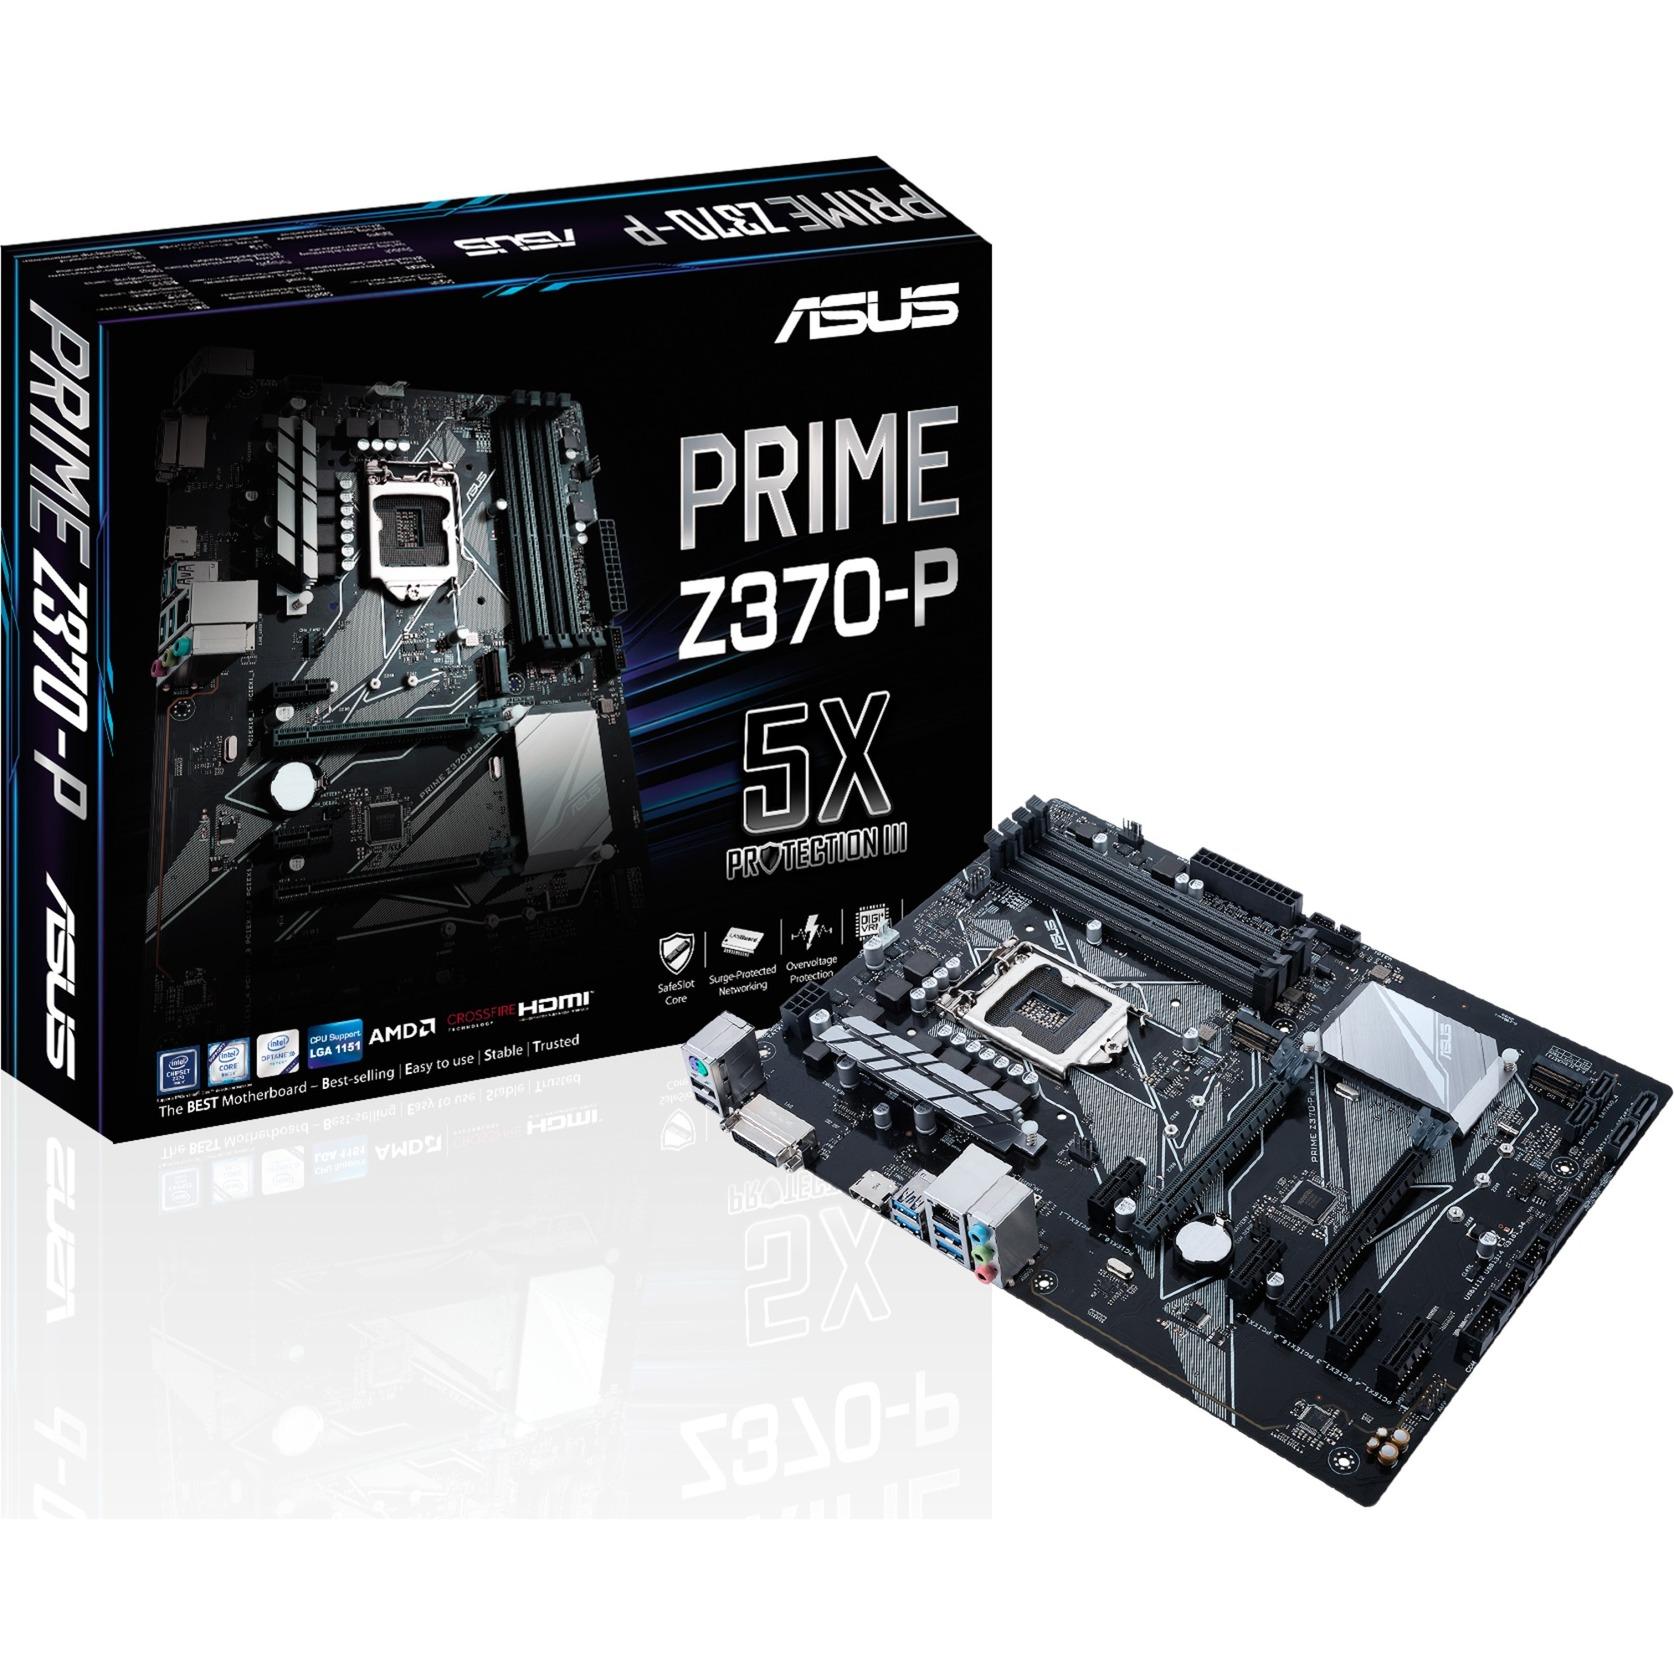 PRIME Z370-P LGA 1151 (Socket H4) ATX carte mère